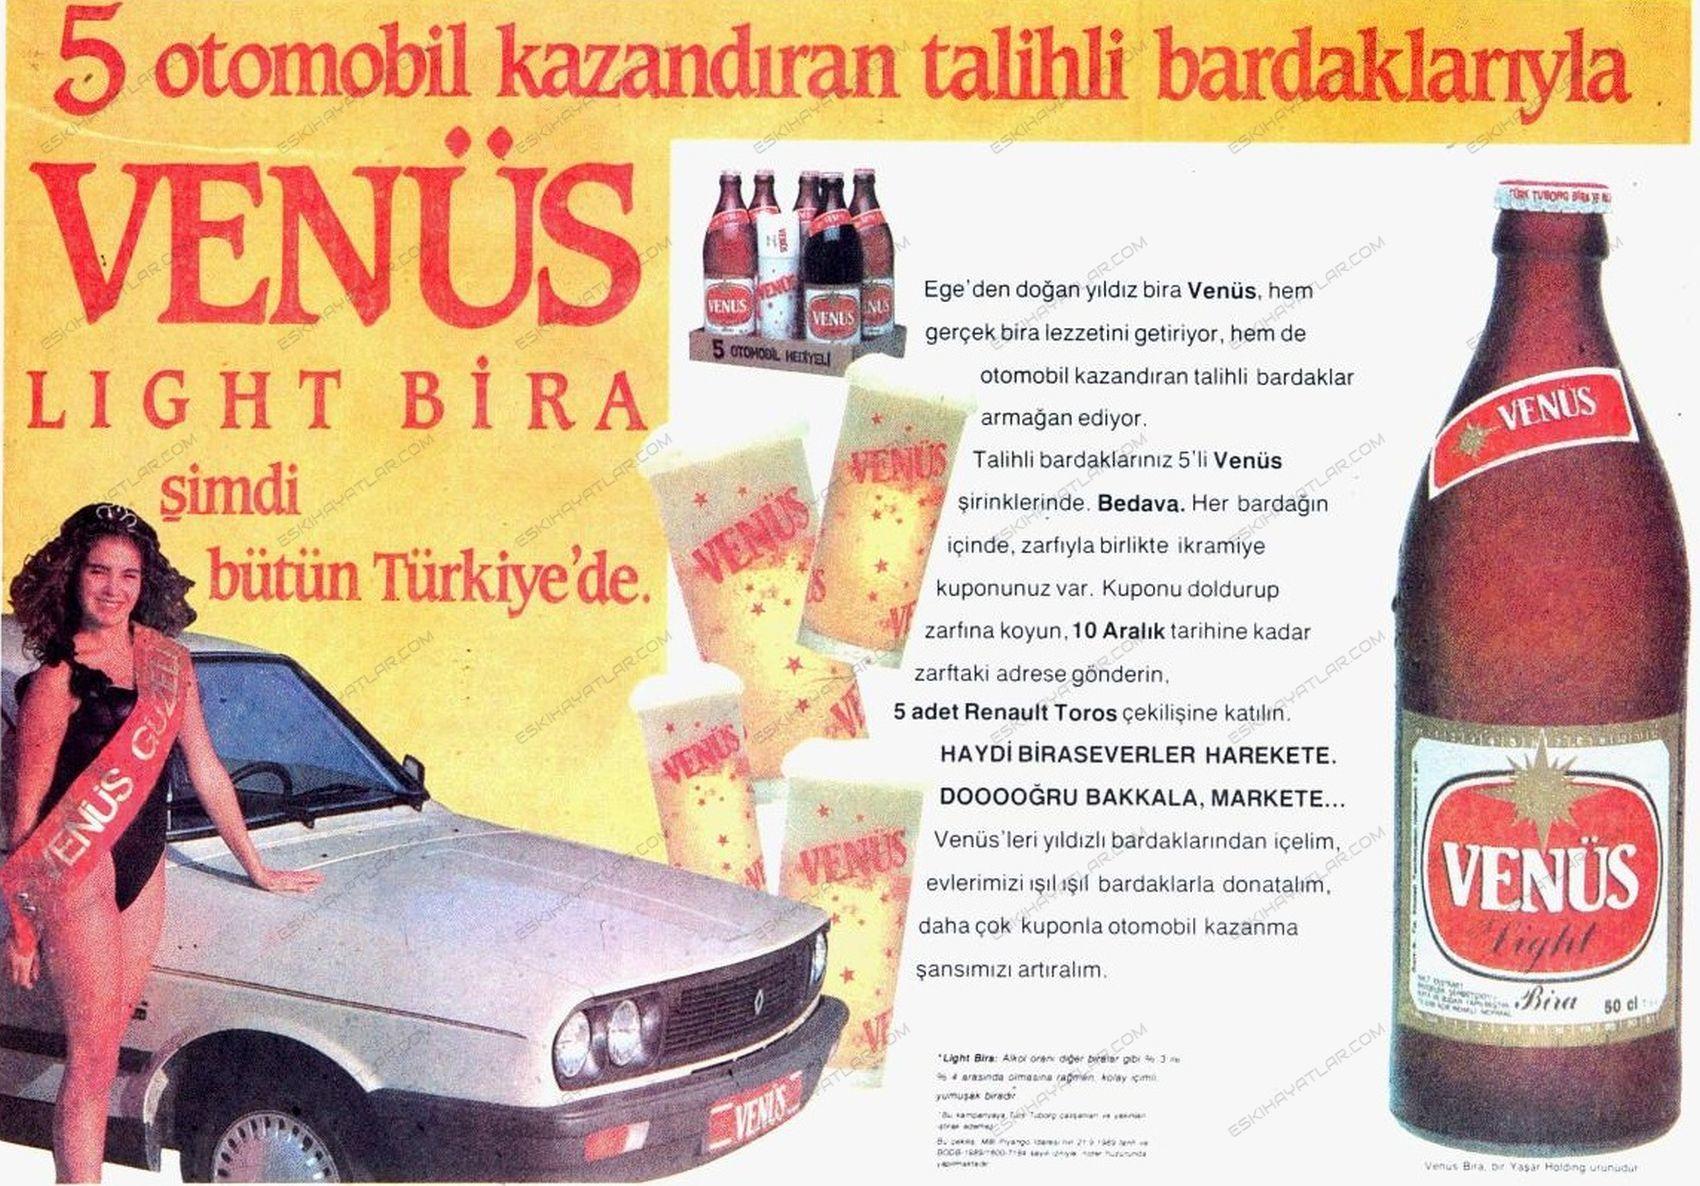 0346-venus-bira-reklamlari-1989-otomobil-cekilisleri-turk-tuborg-bira-ve-malt-sanayi